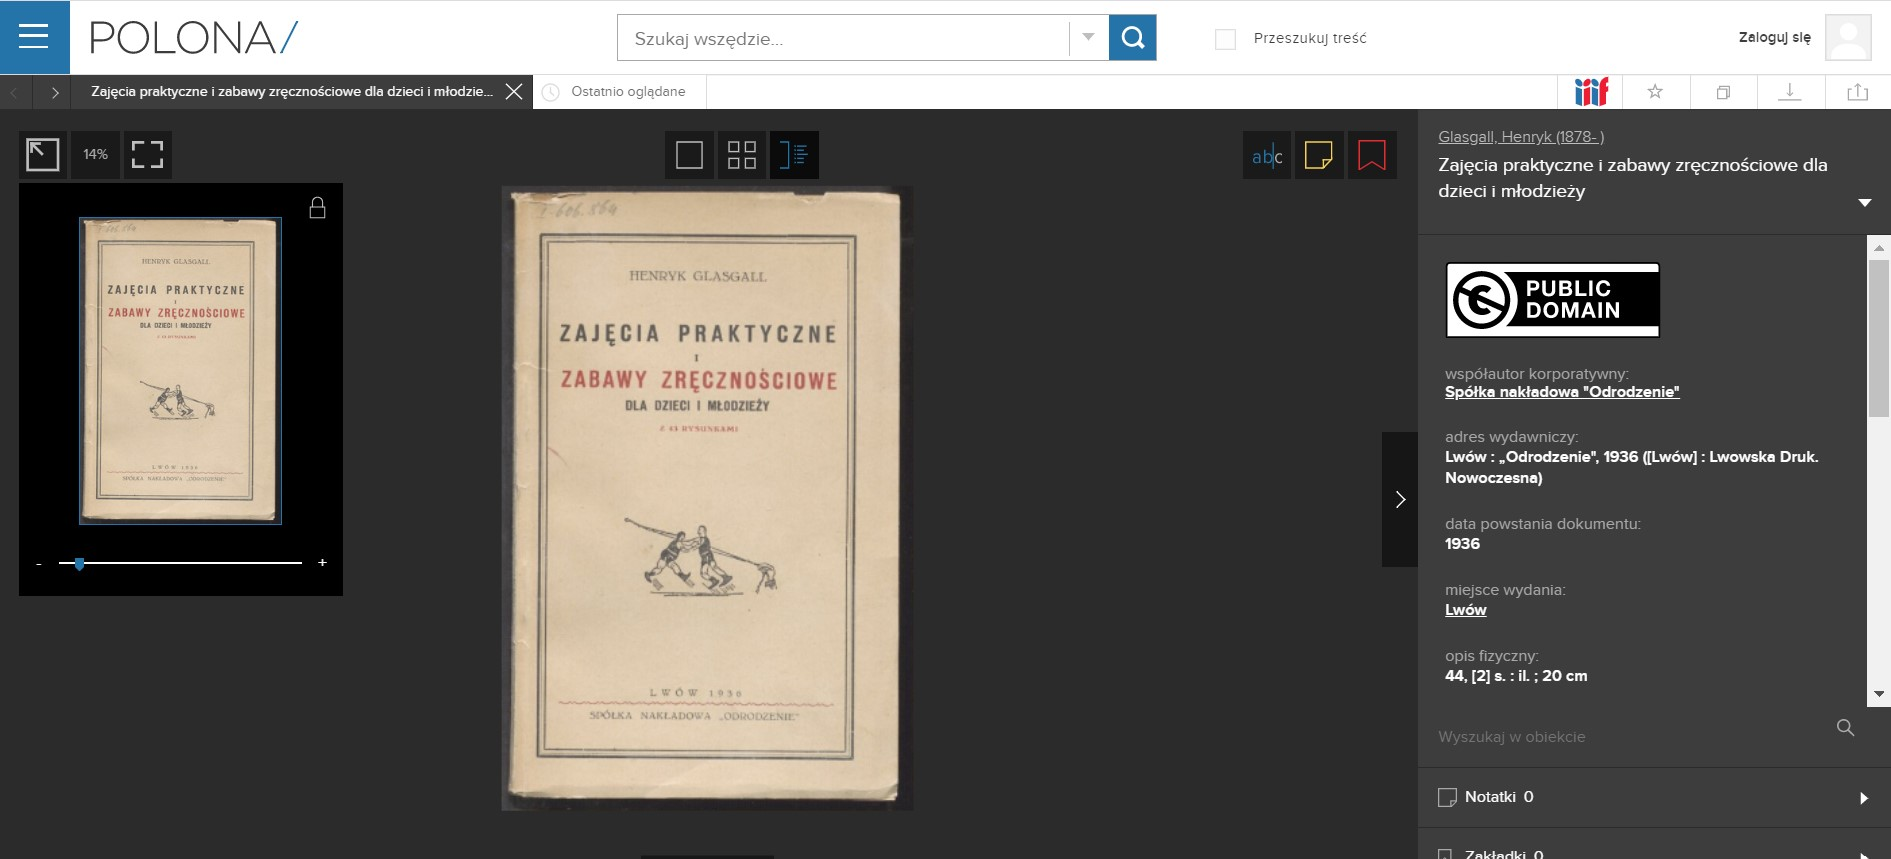 stara okładka książki zatytułowanej Zajęcia praktyczne i zabawy zręcznościowe dla dzieci i młodzieży odnaleziona w serwisie Polona